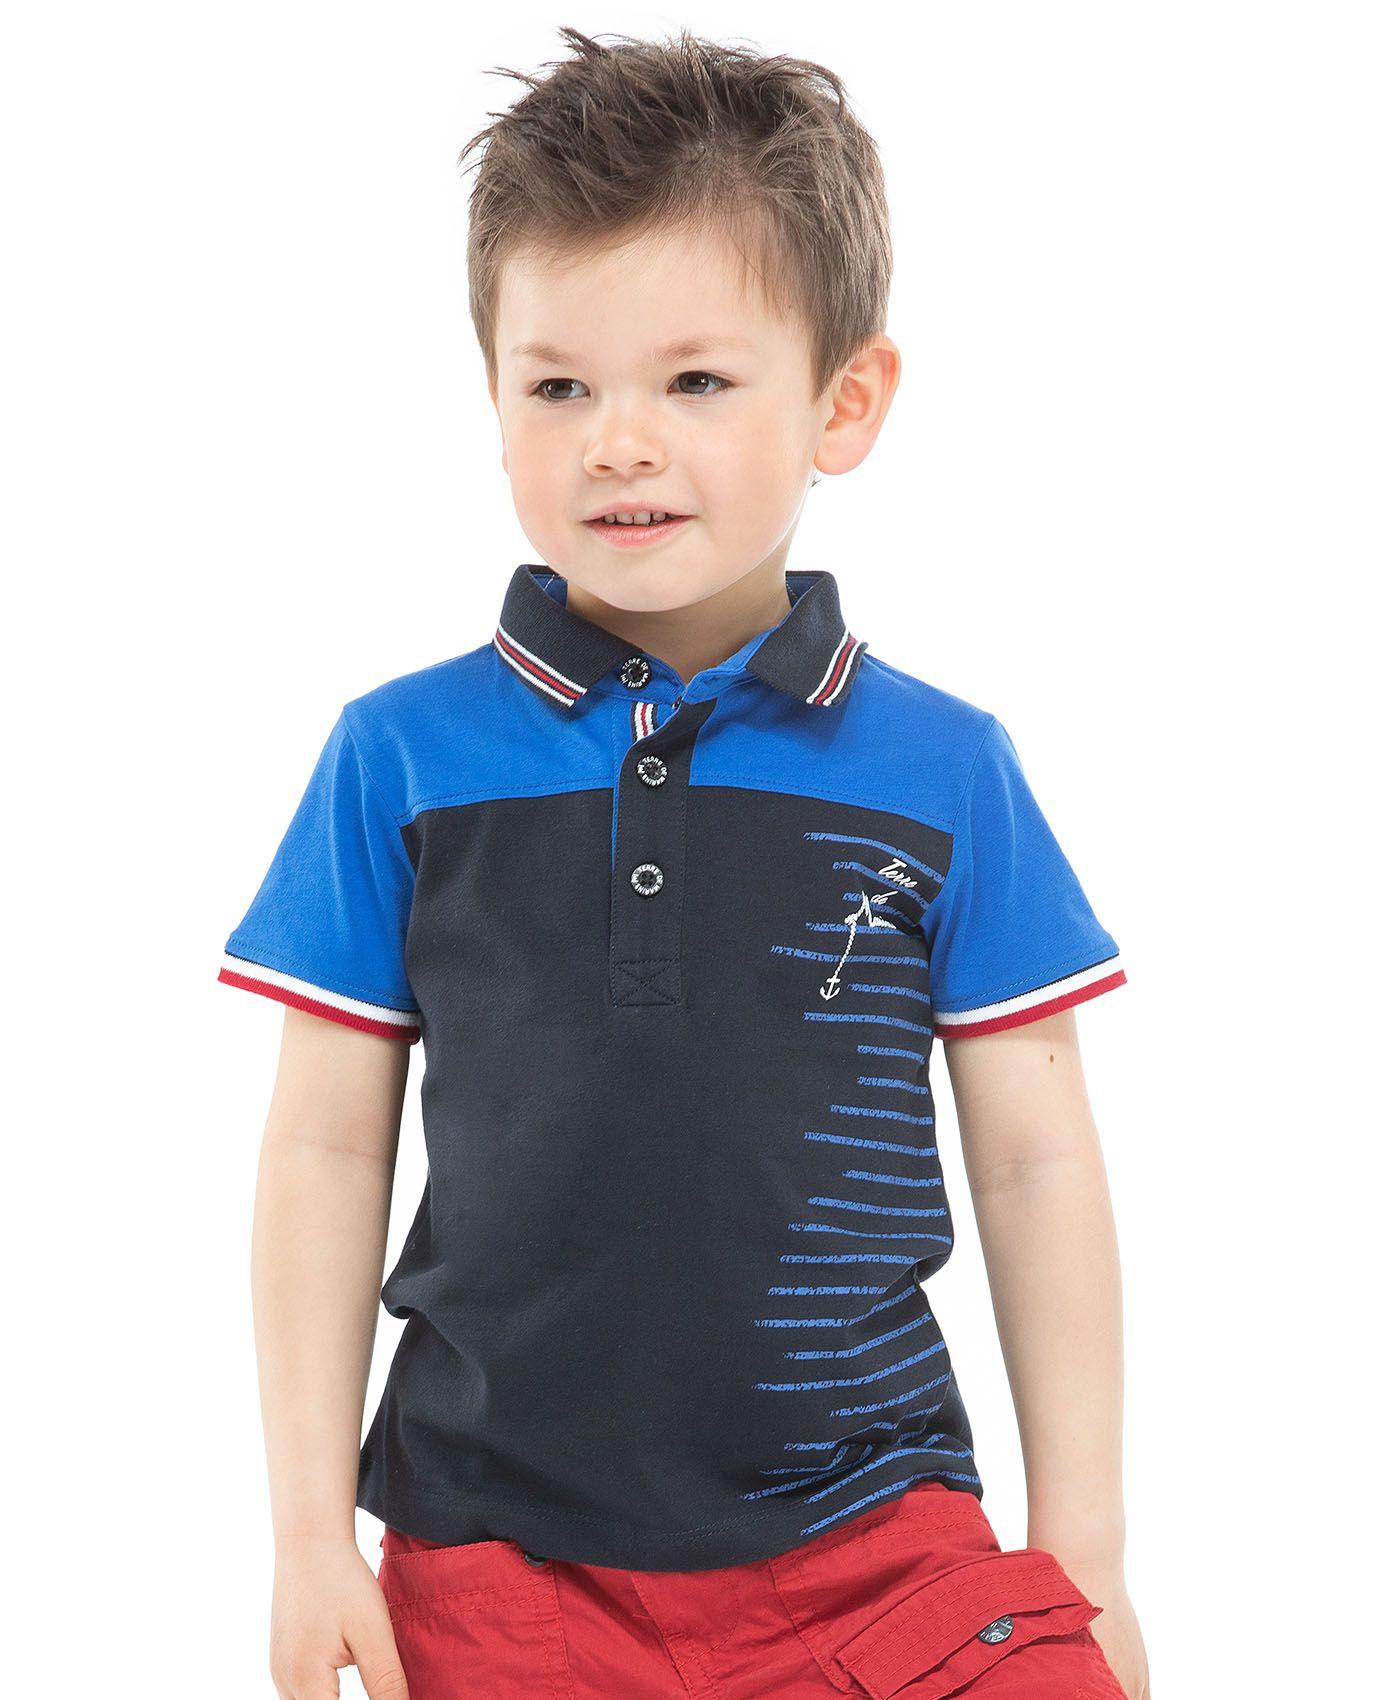 e37a5b2a3800c Shirts · Fashion · Polo bicolore bleu marine et turquoise pour garçon  Manches courtes cernées tricolores Fermeture trois boutons et